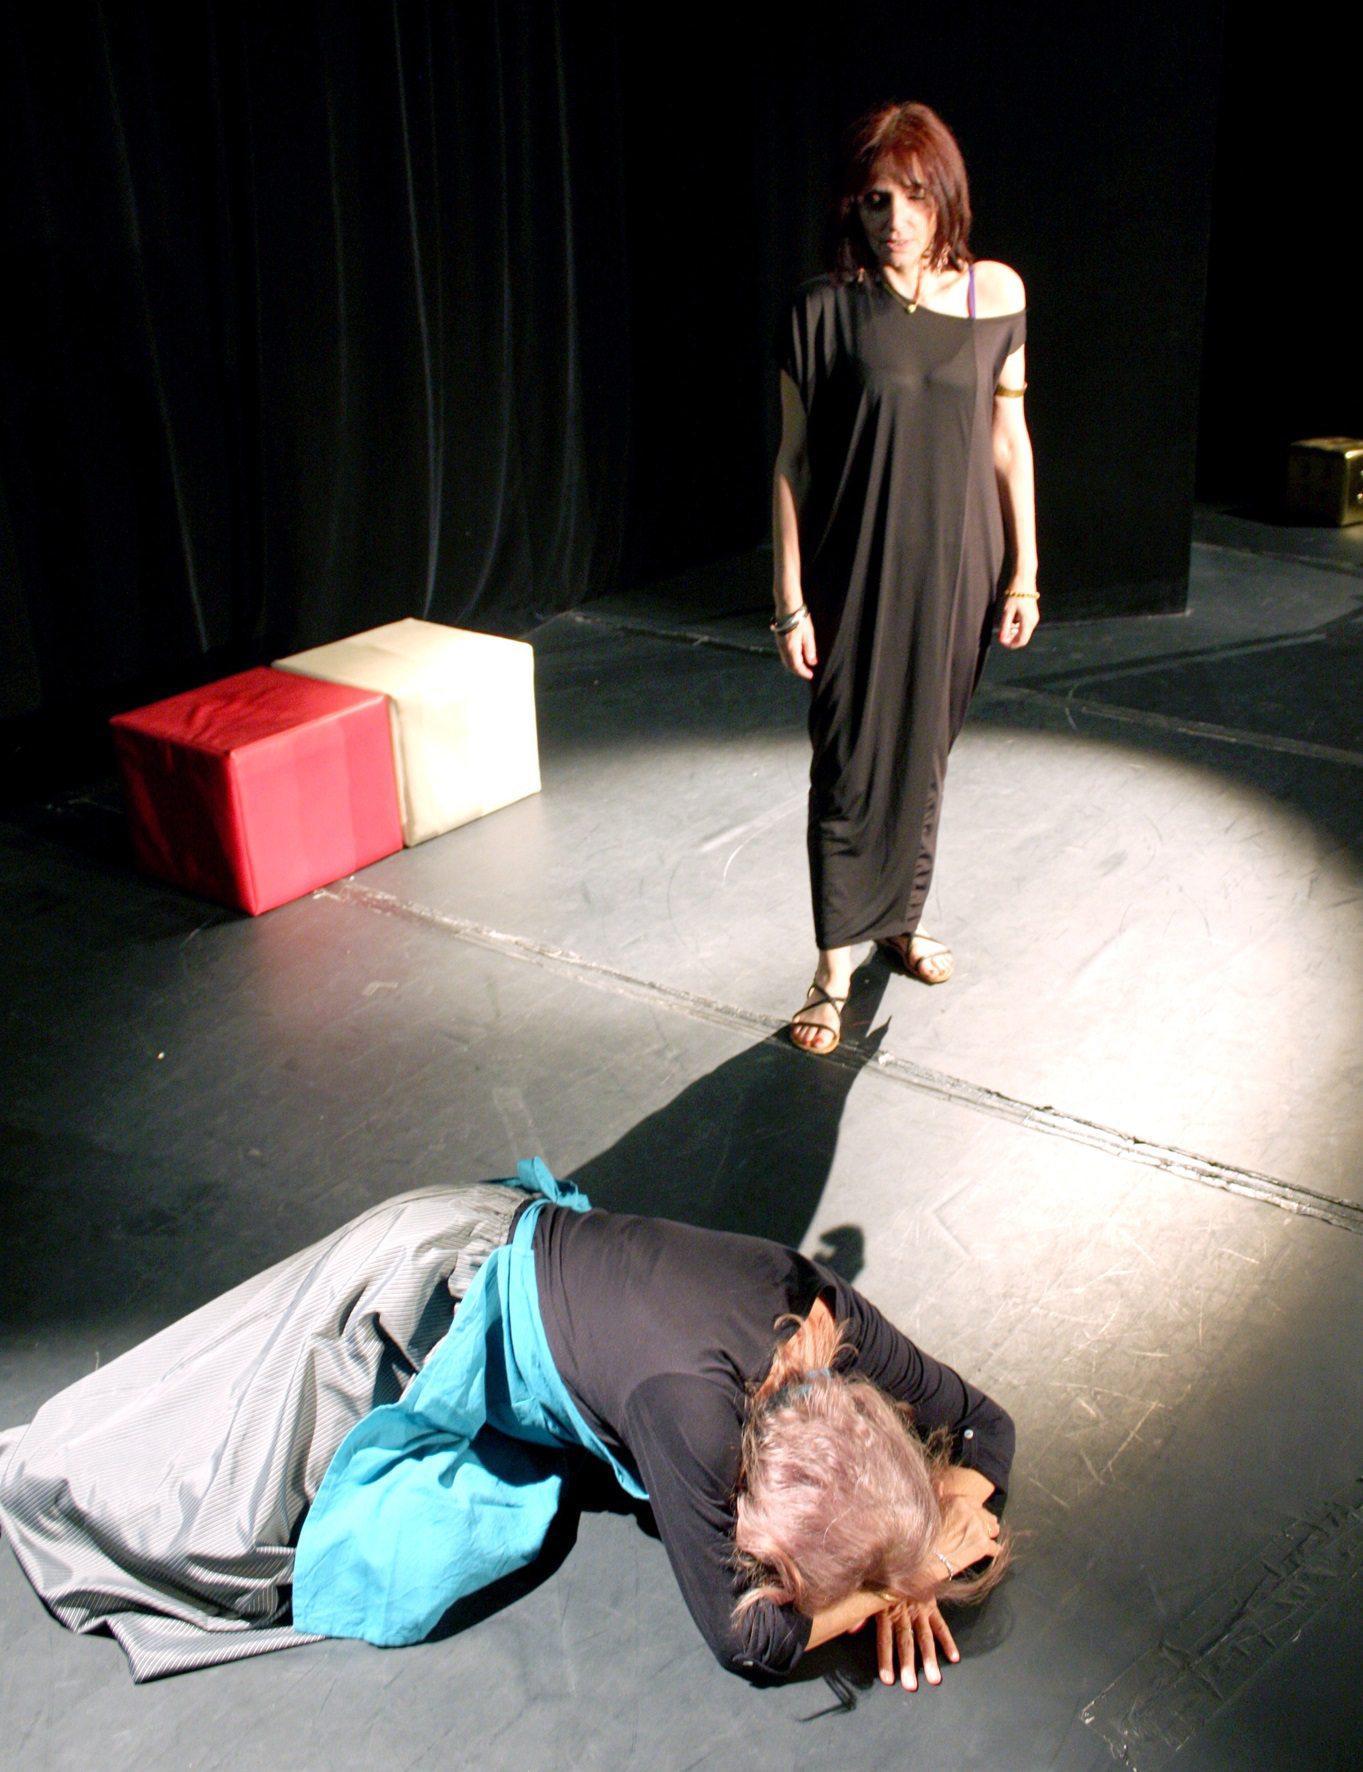 La compagnie In/Tension Théâtre dévoilera des « Secrets enfouis », kaléidoscope d'œuvres littéraires les 1er et 5 juin.